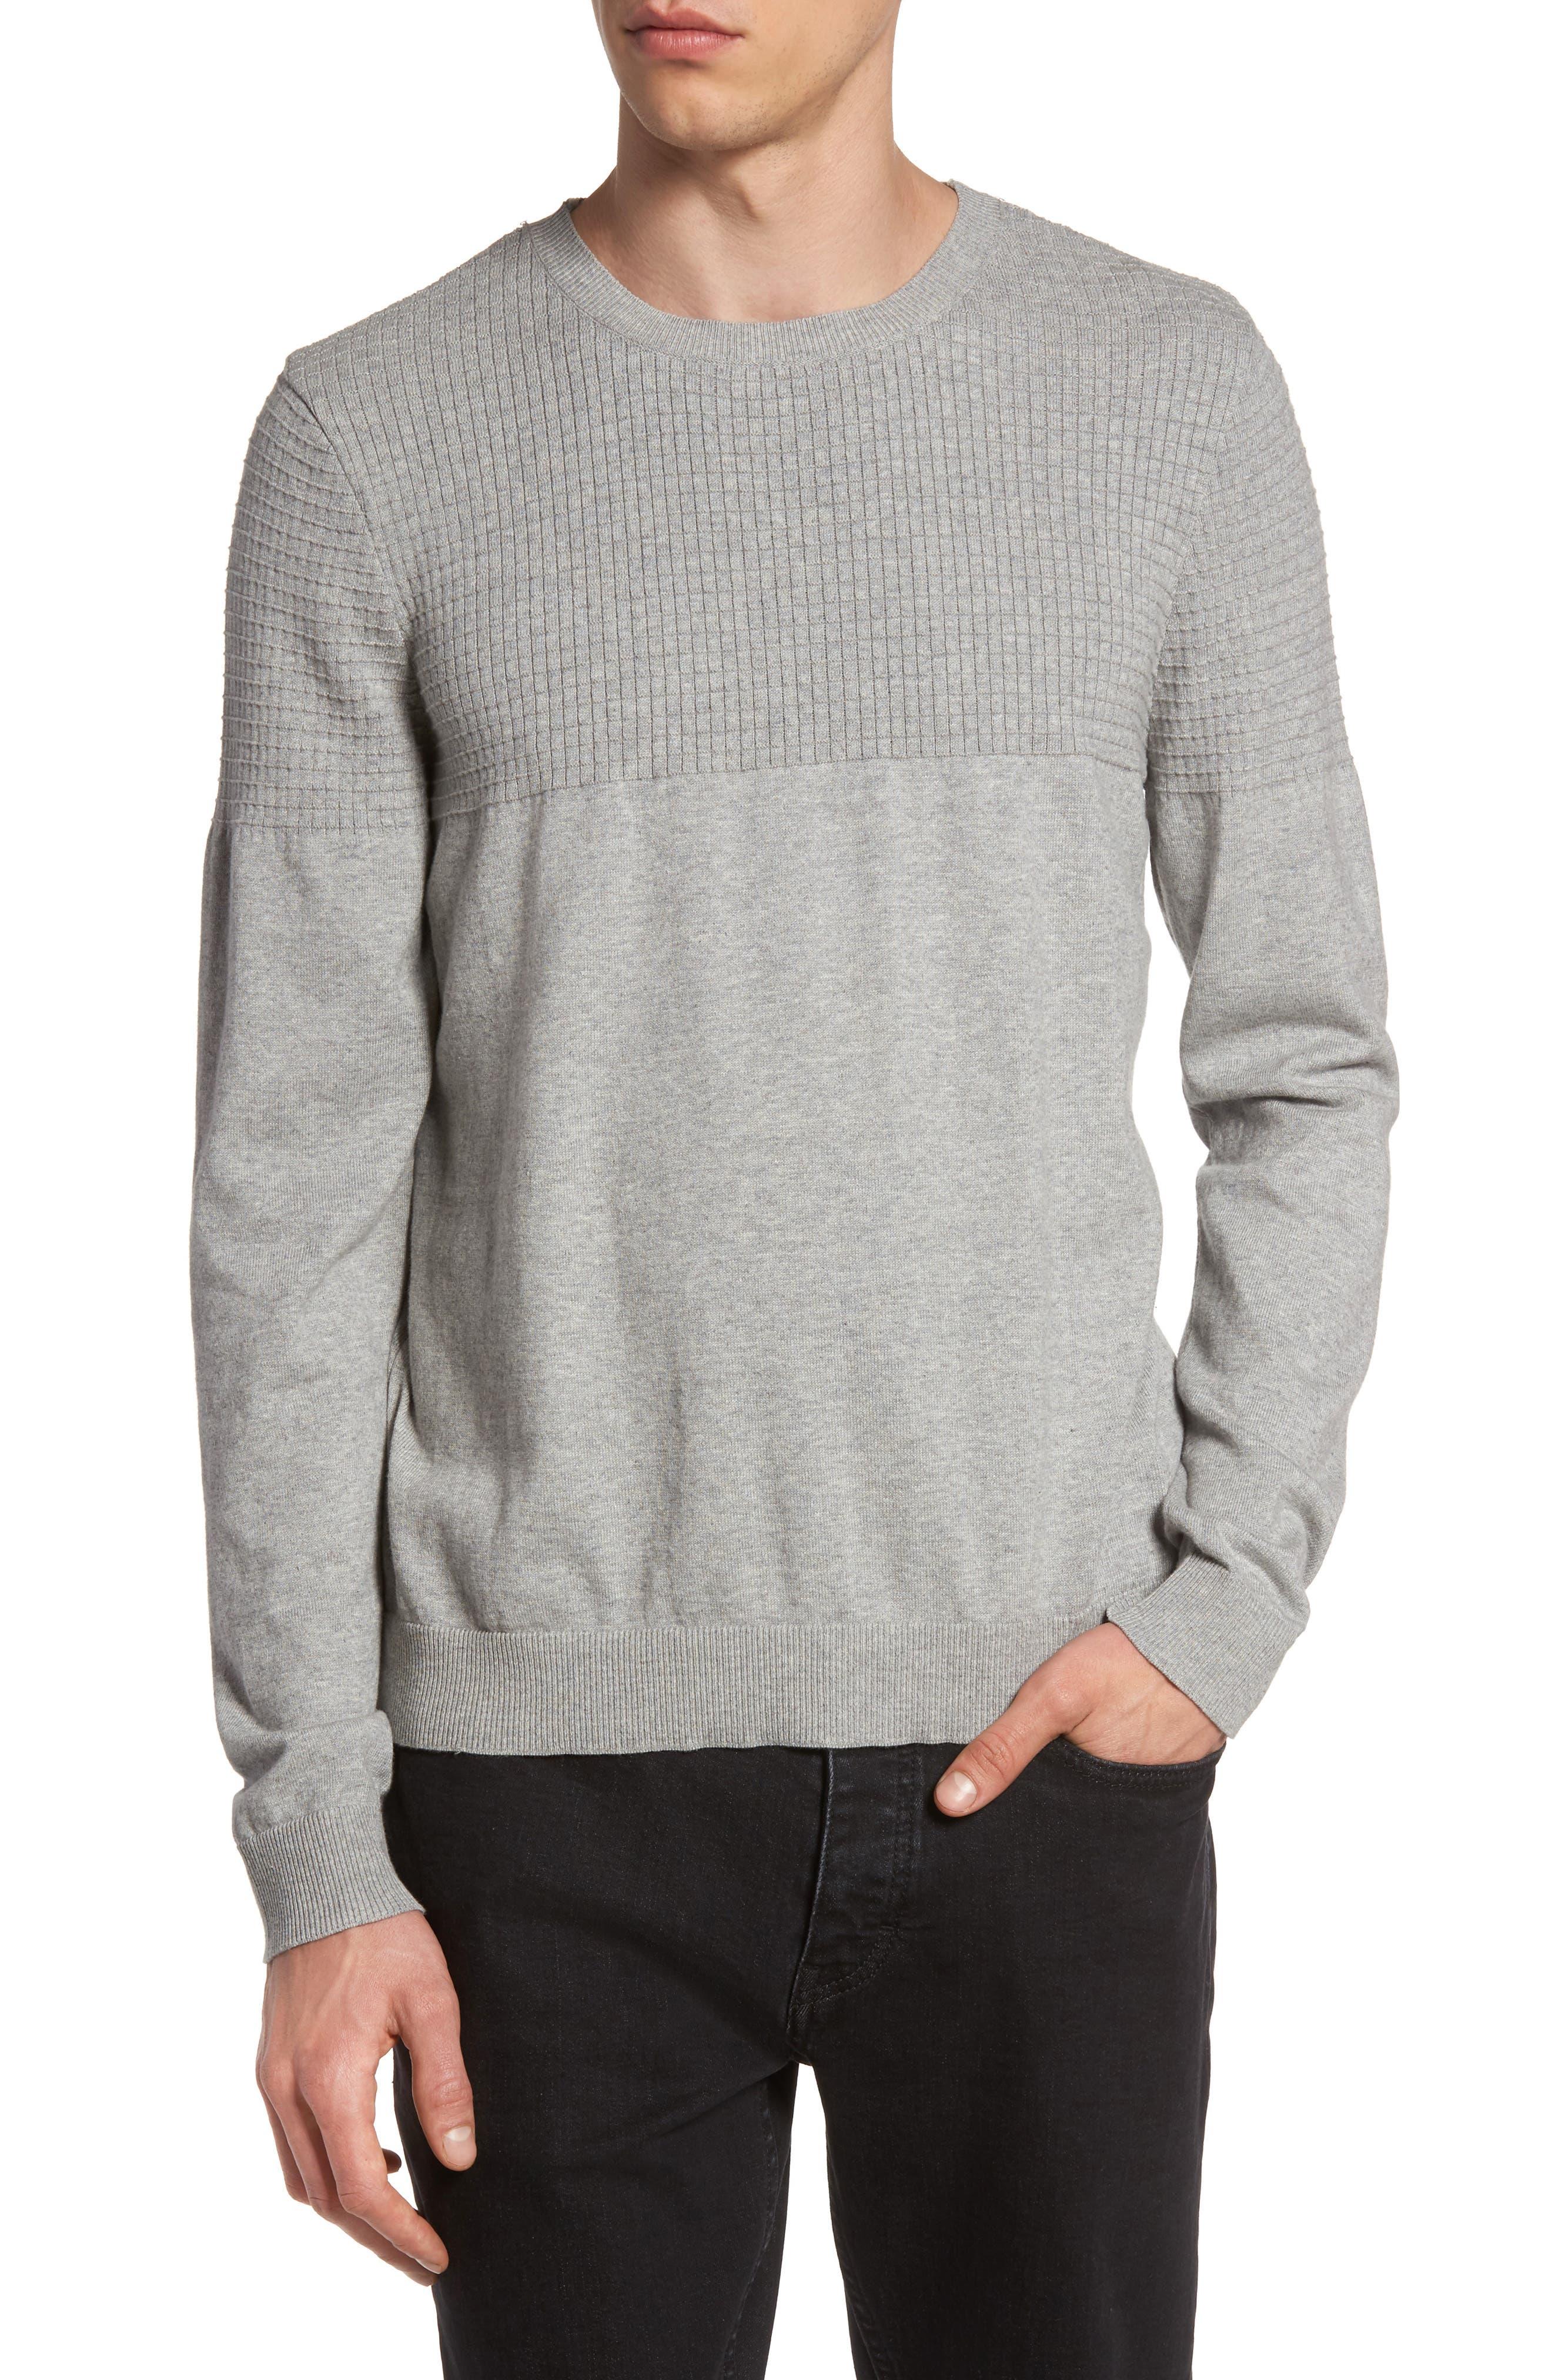 Topman Textured Sweater